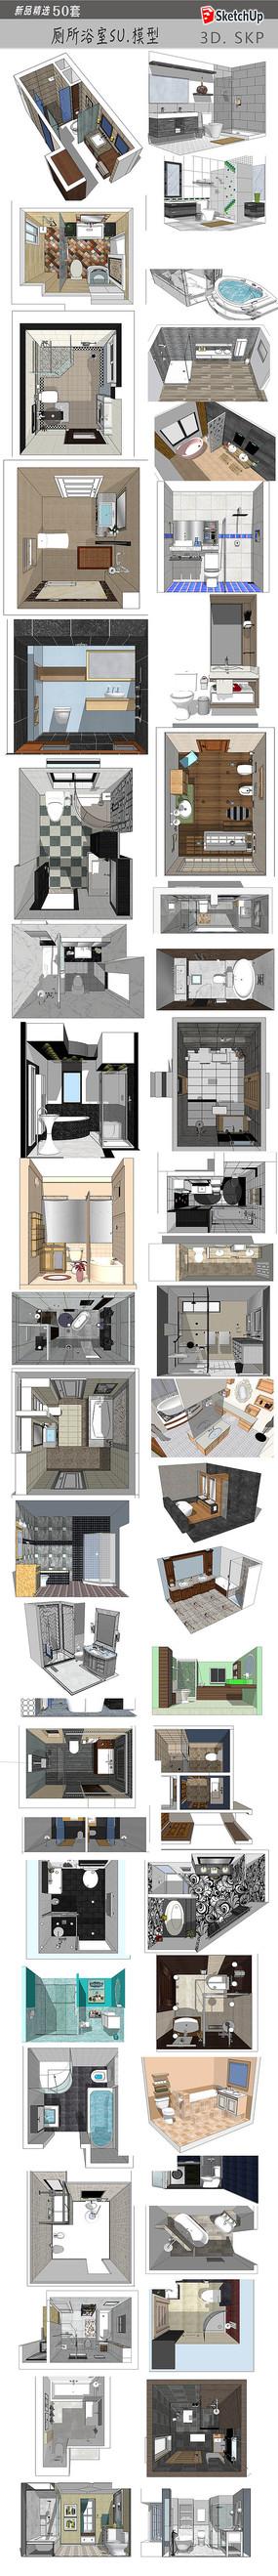 厕所浴室设计SU模型